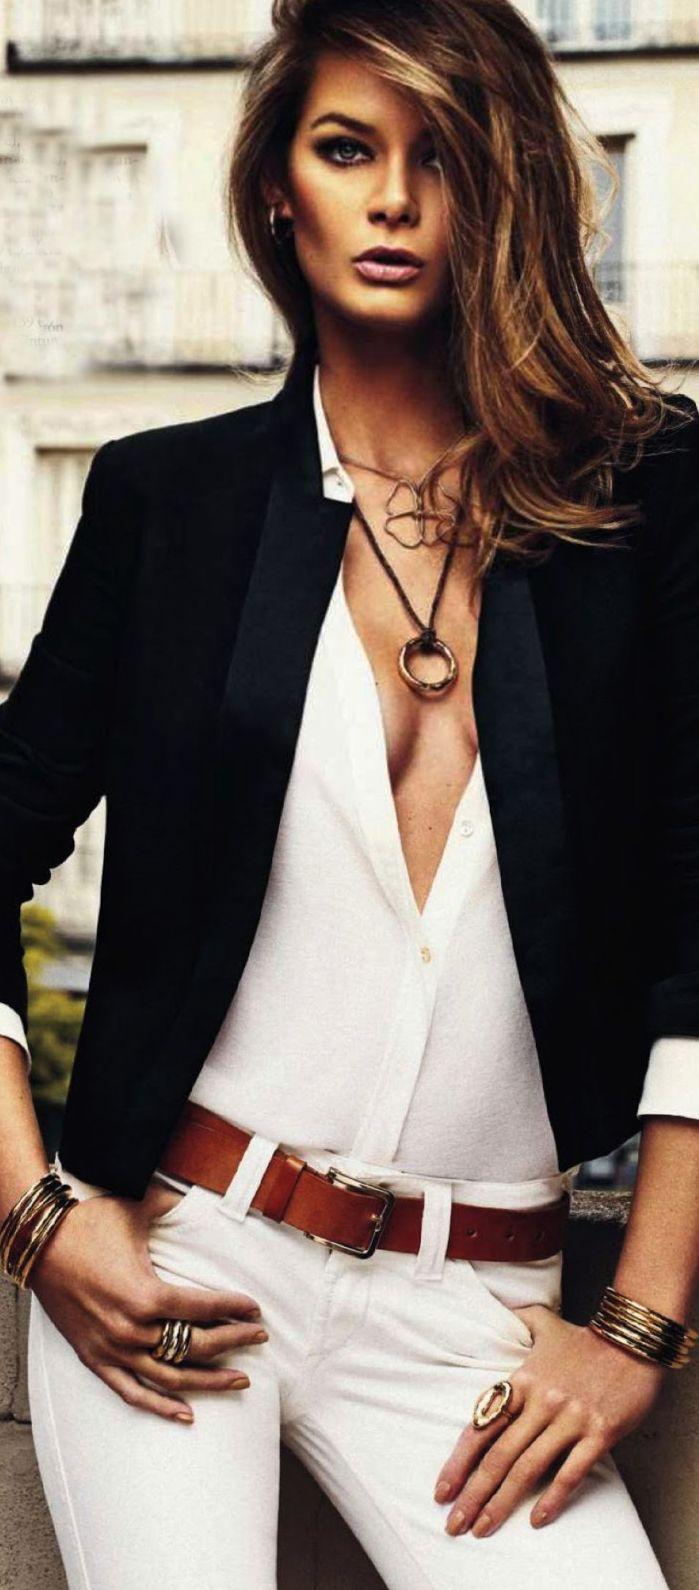 Flavia de Oliveira for Elle Spain